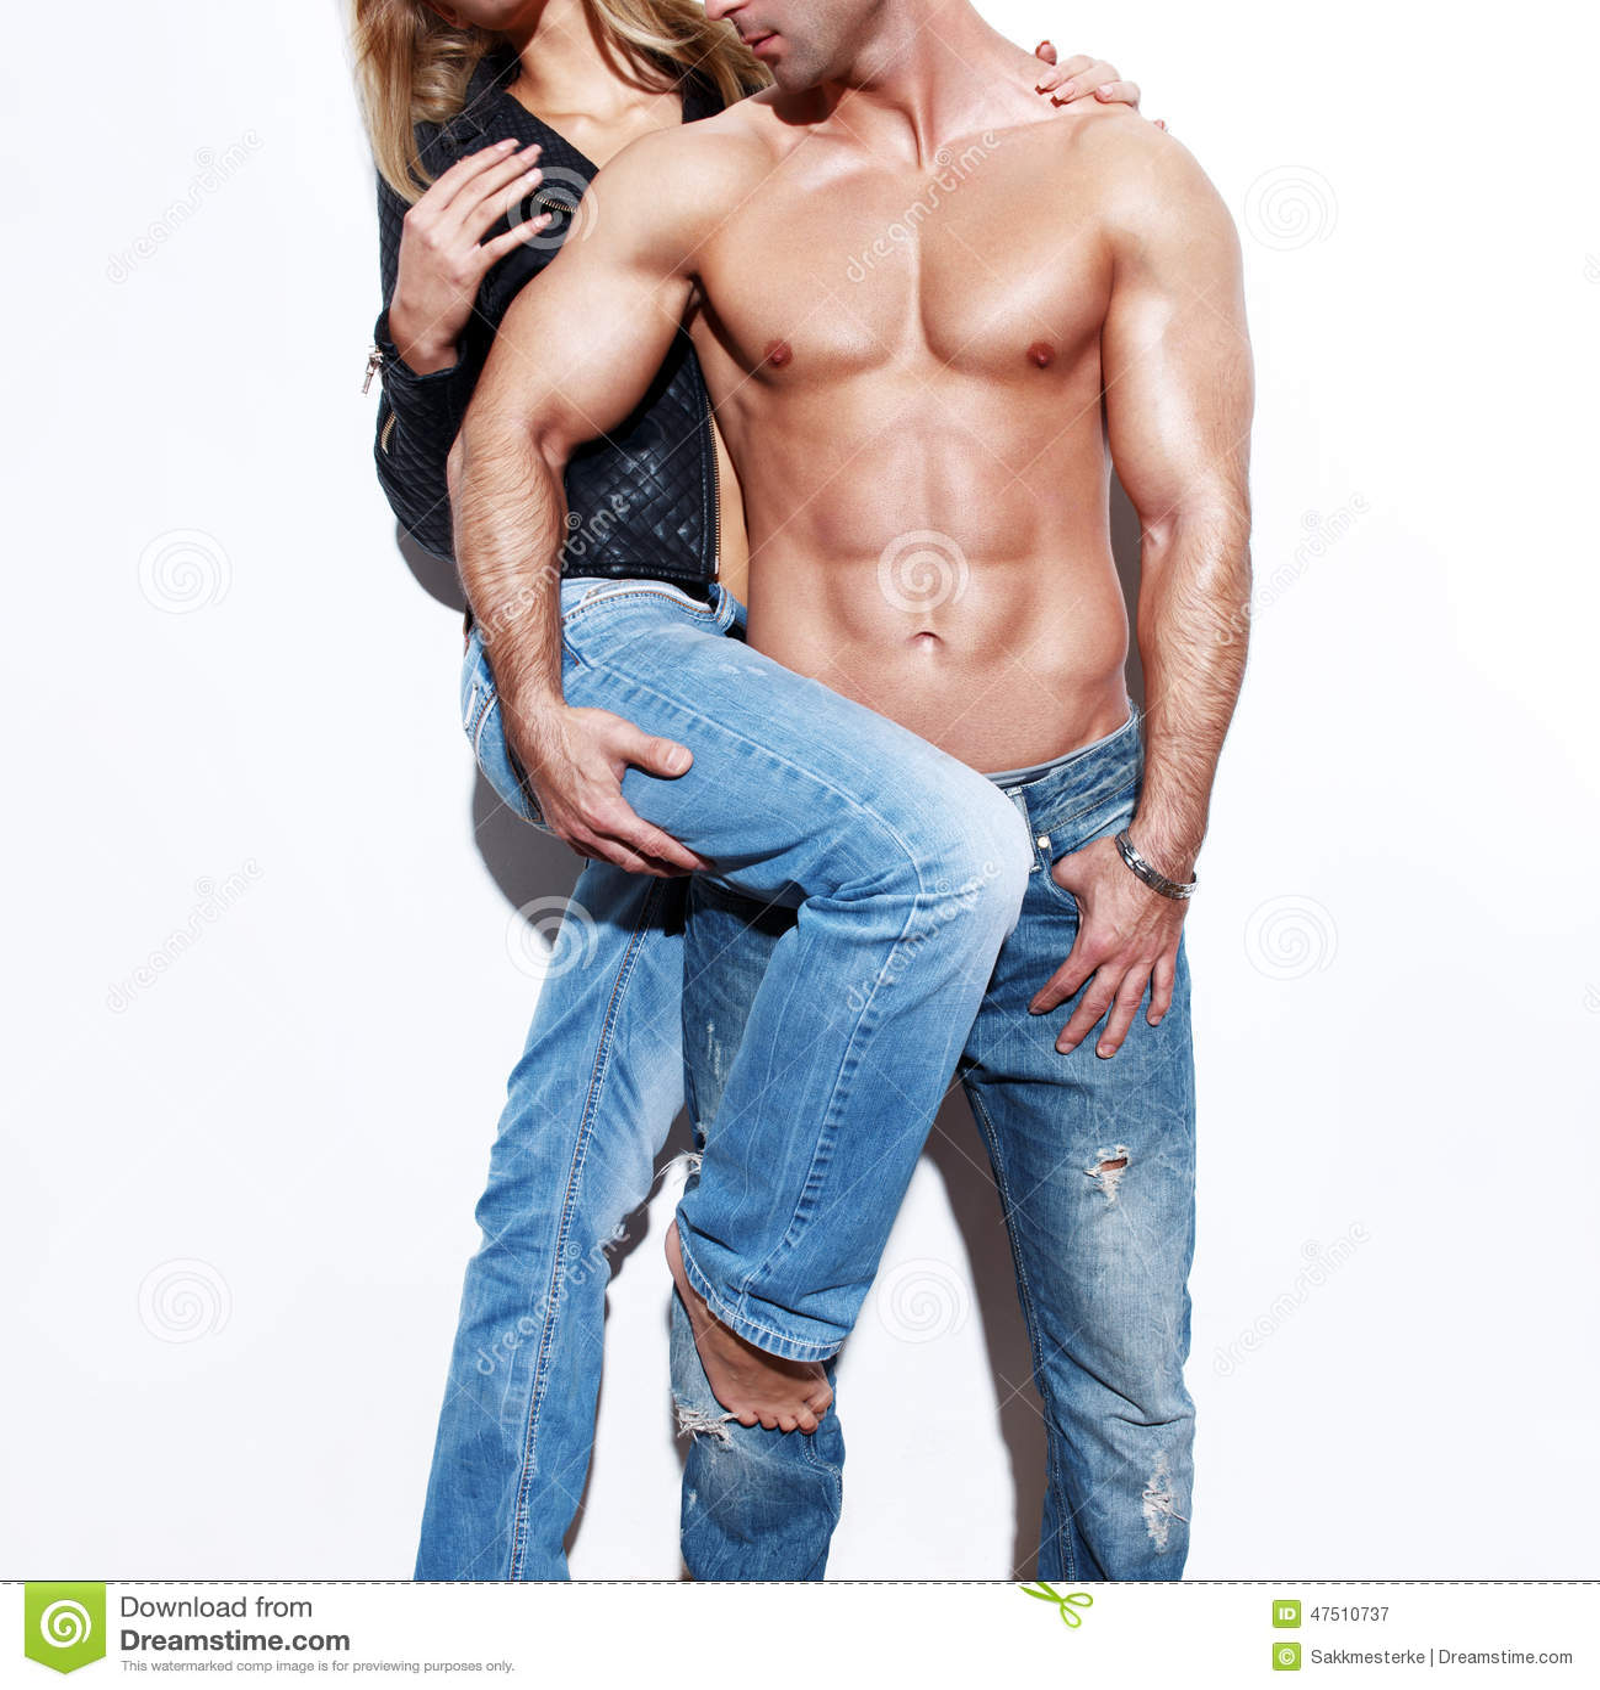 Сексуальных картинки пар 23 фотография